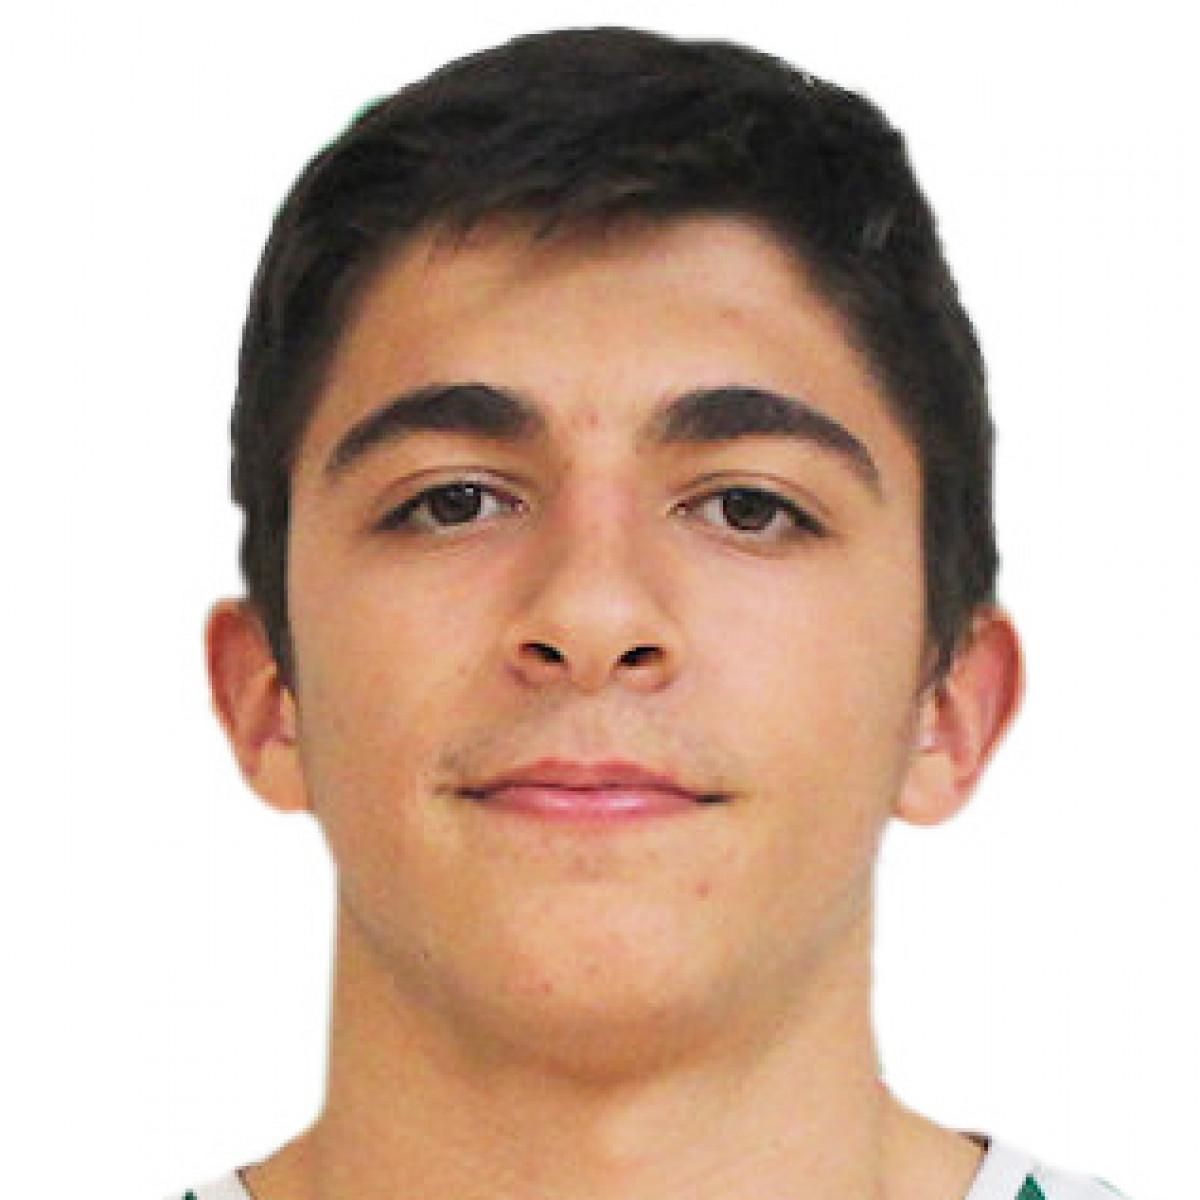 Raul Postigo